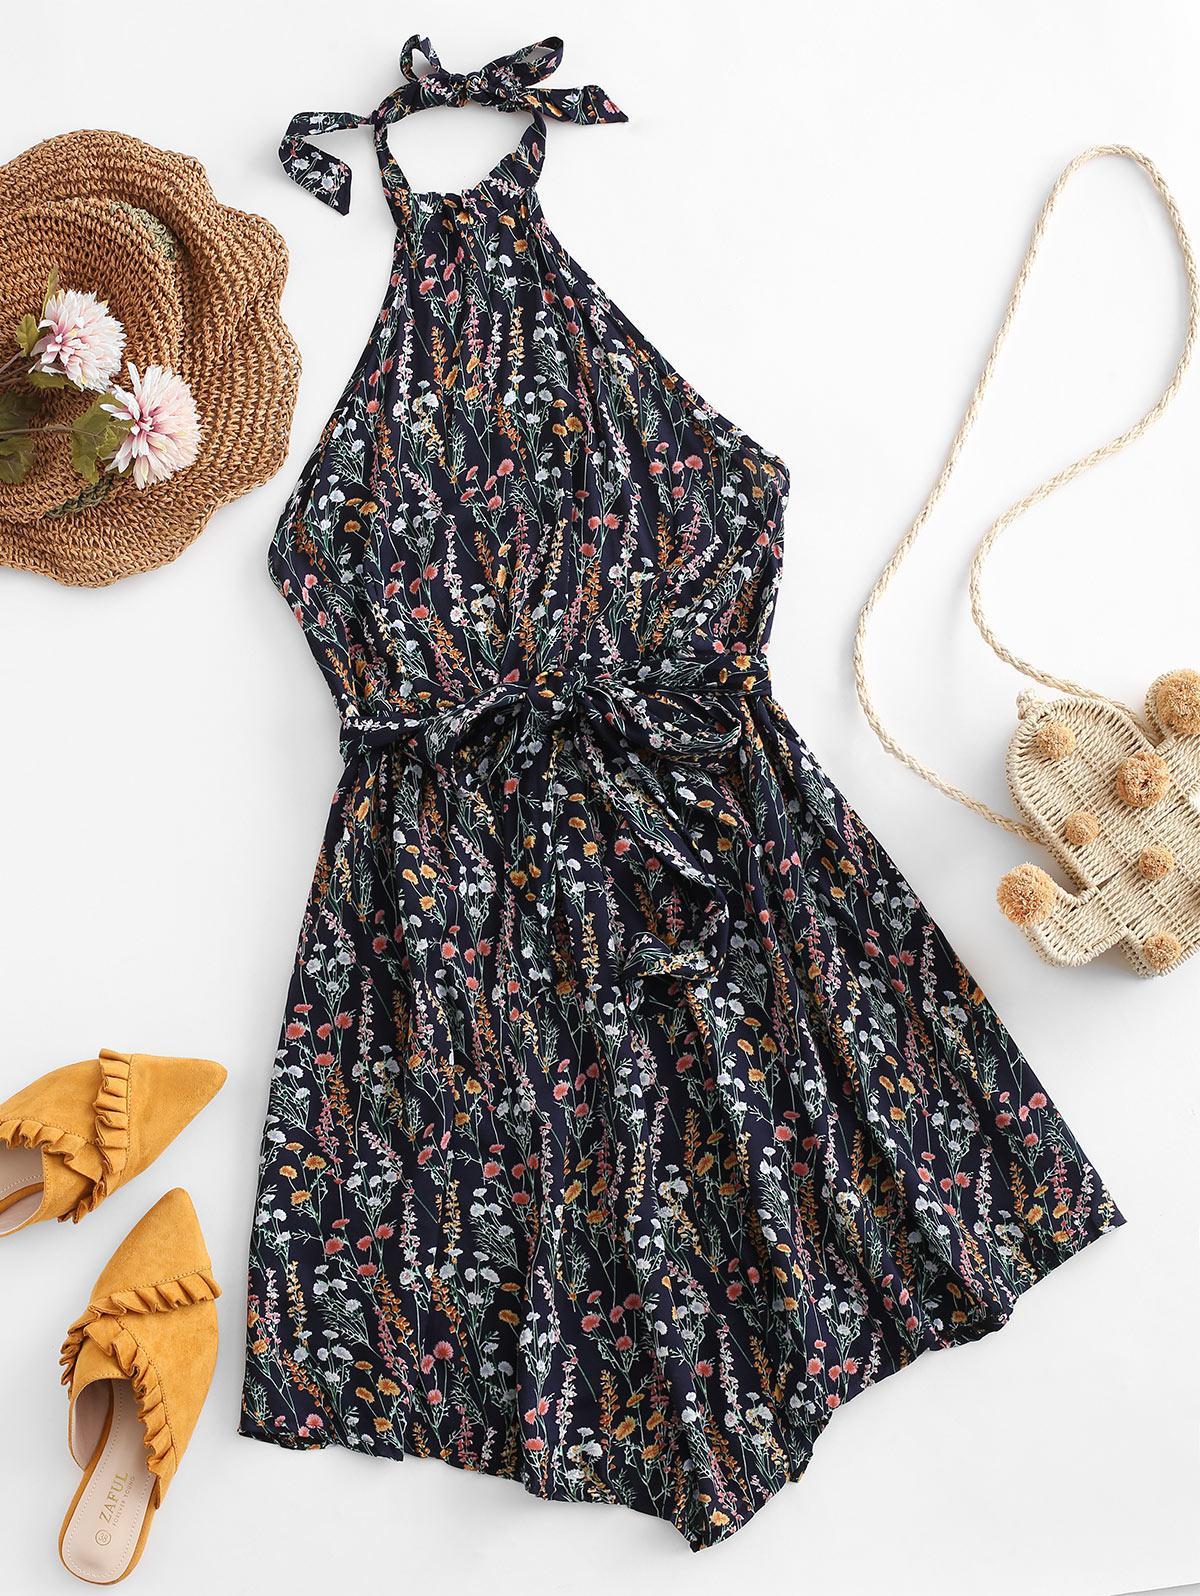 Tiny Floral Backless Belted Halter Dress